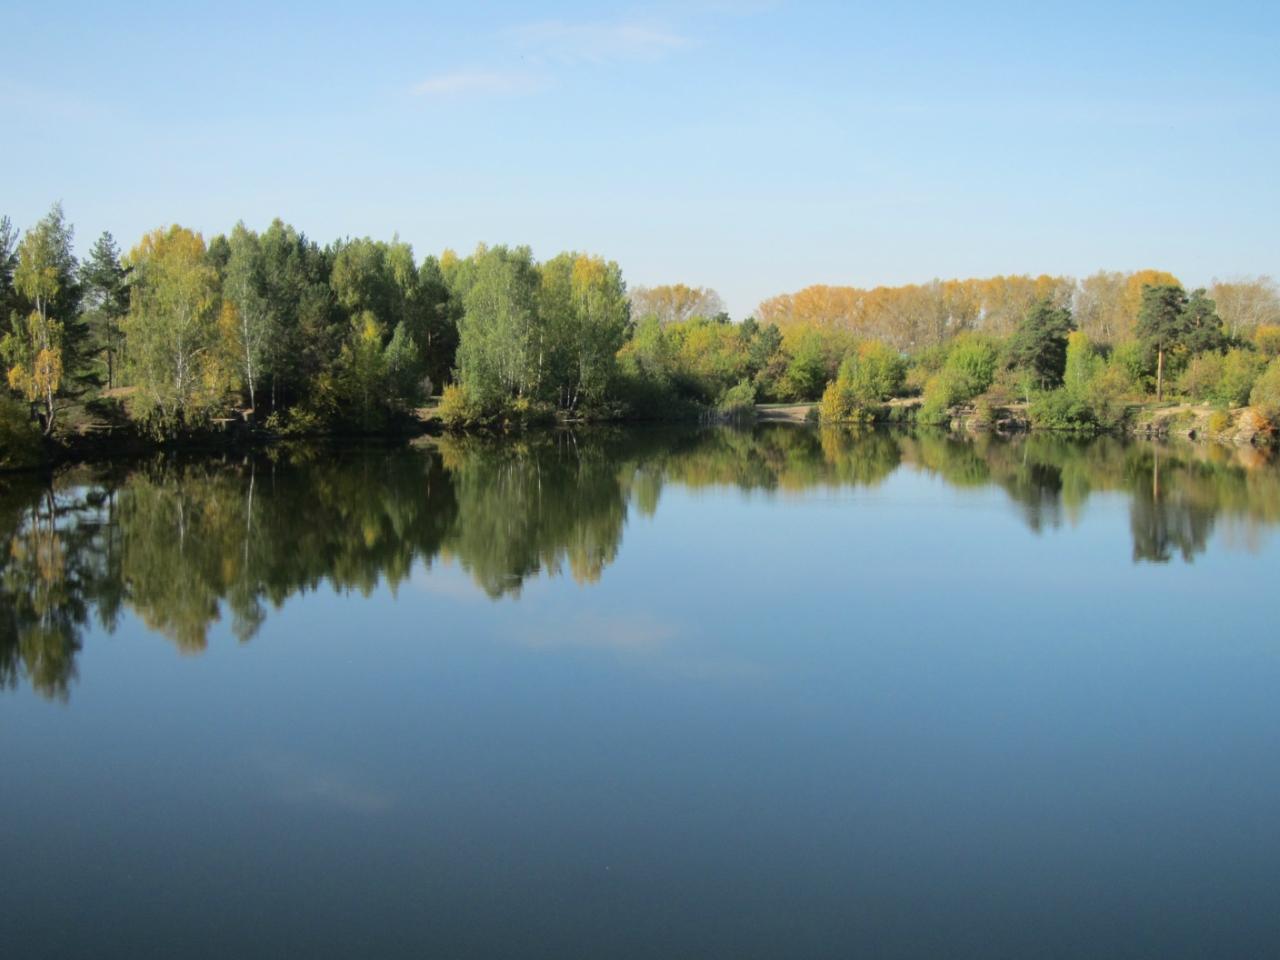 Неподвижная поверхность воды словно зеркало отражает в себе небо, деревья, облака, гранитные берега... (11.10.2016)